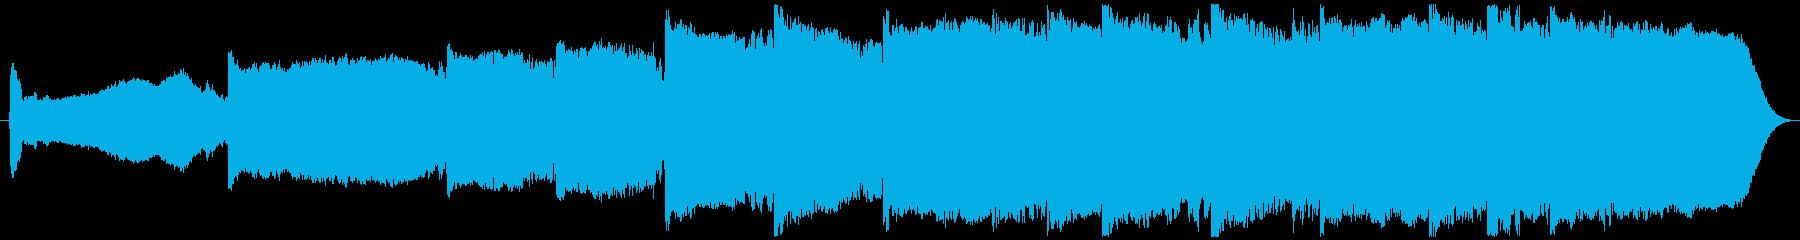 オーケストラ楽器インスピレーション...の再生済みの波形